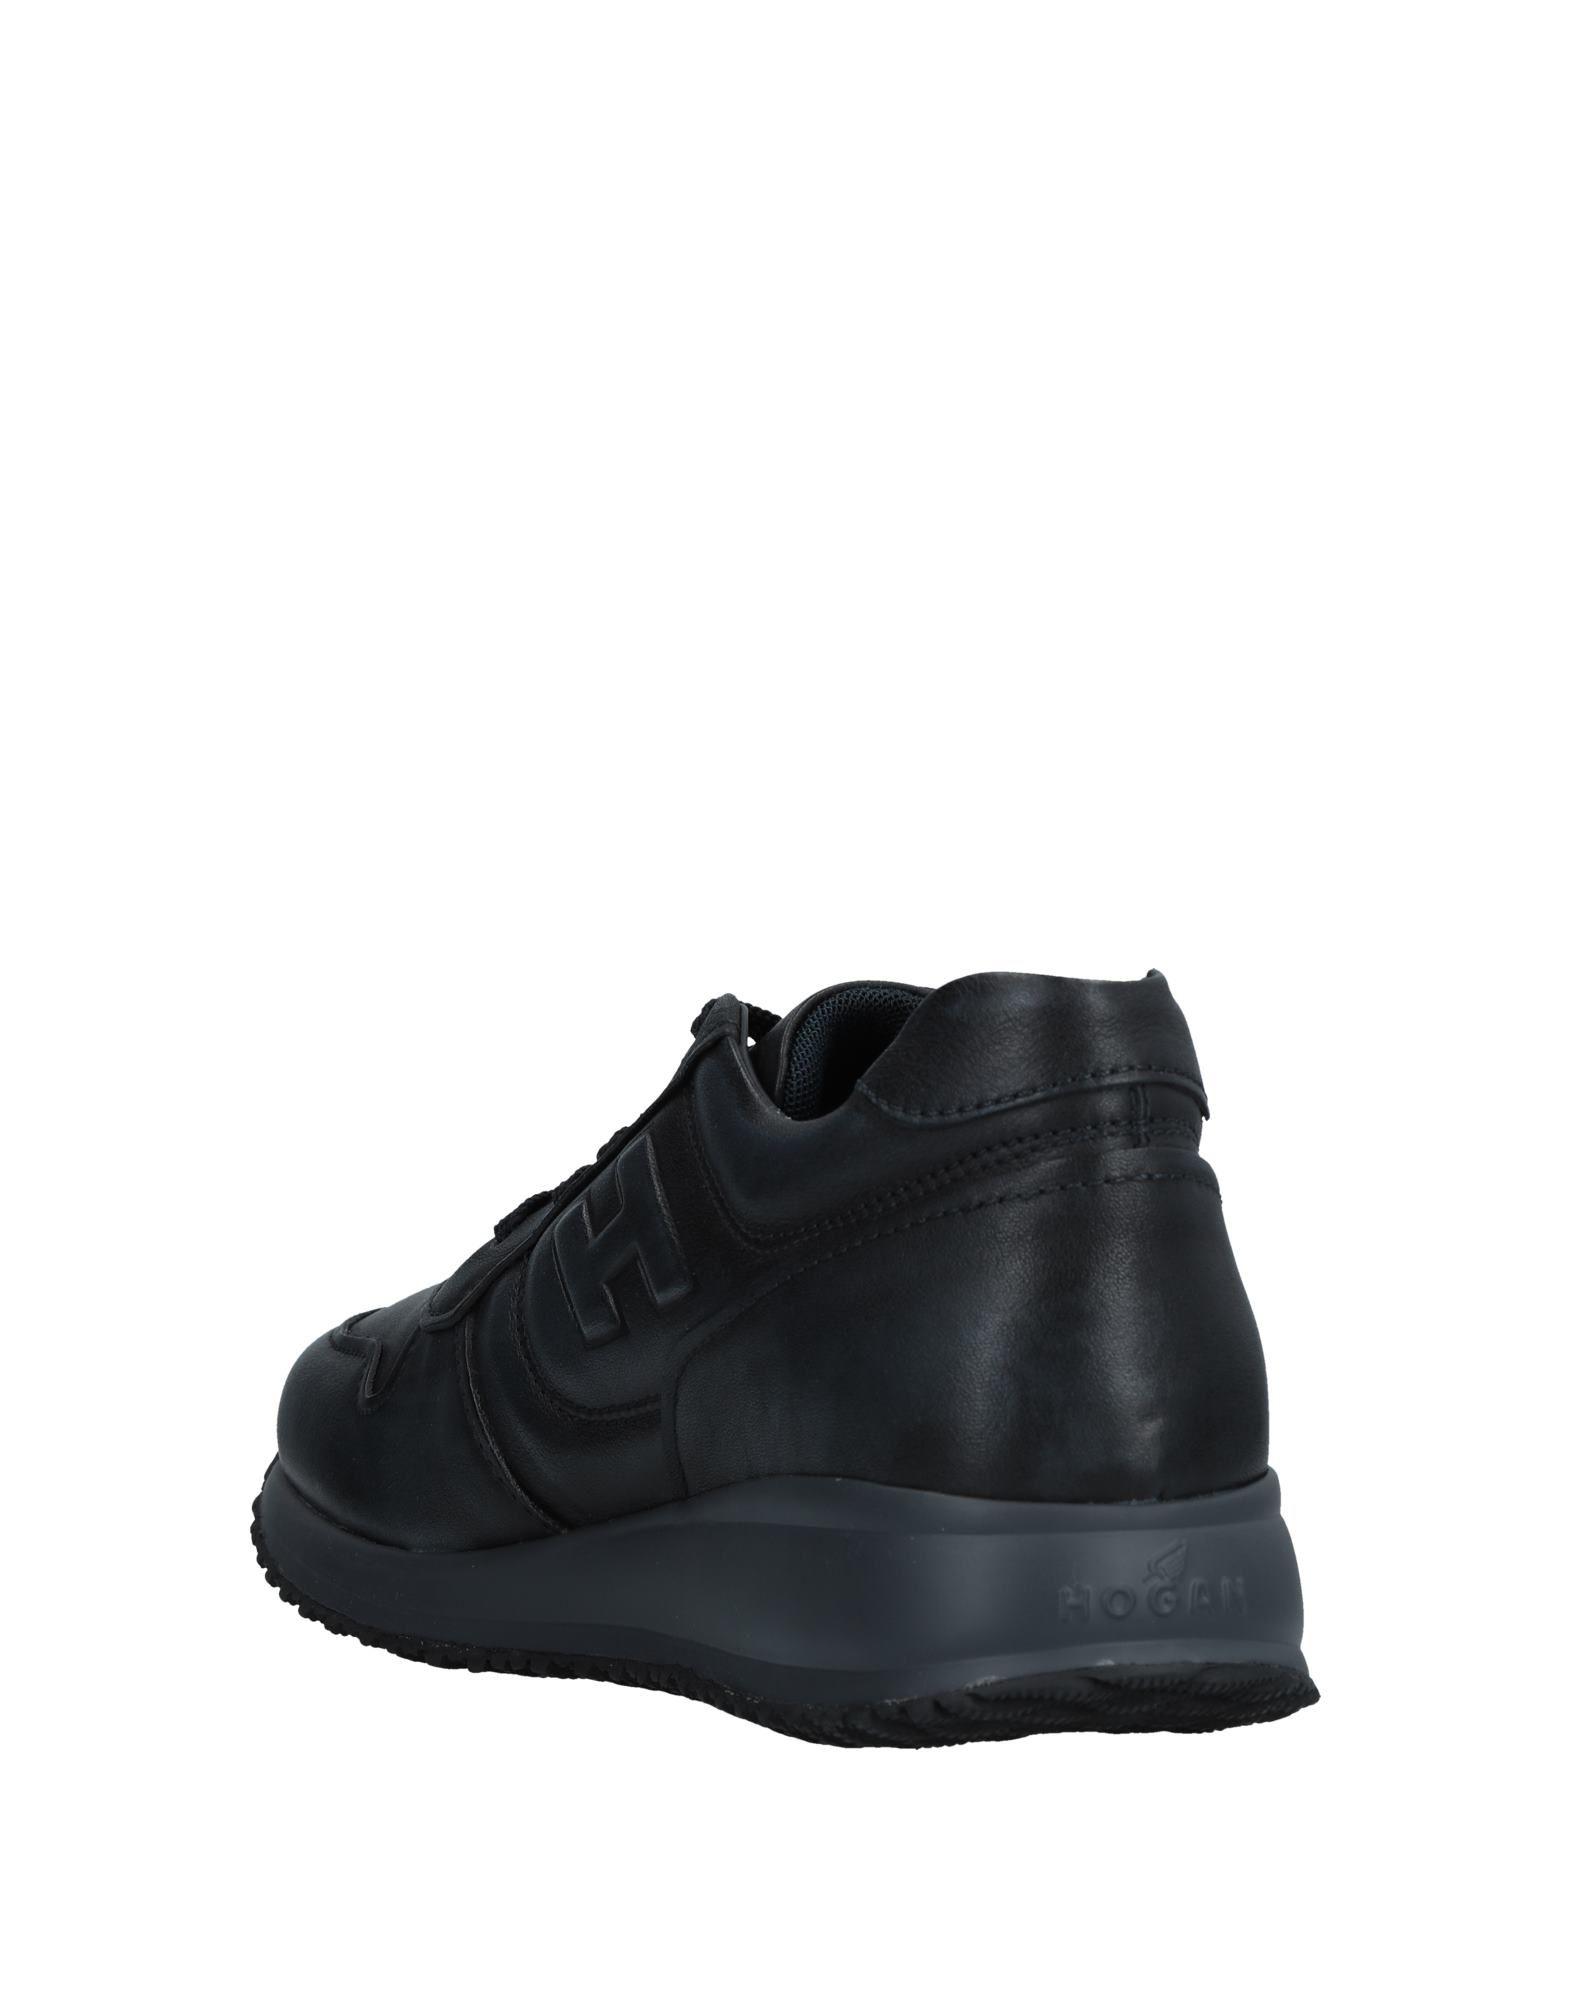 Hogan Sneakers Herren  11518483DG   11518483DG 1f086f